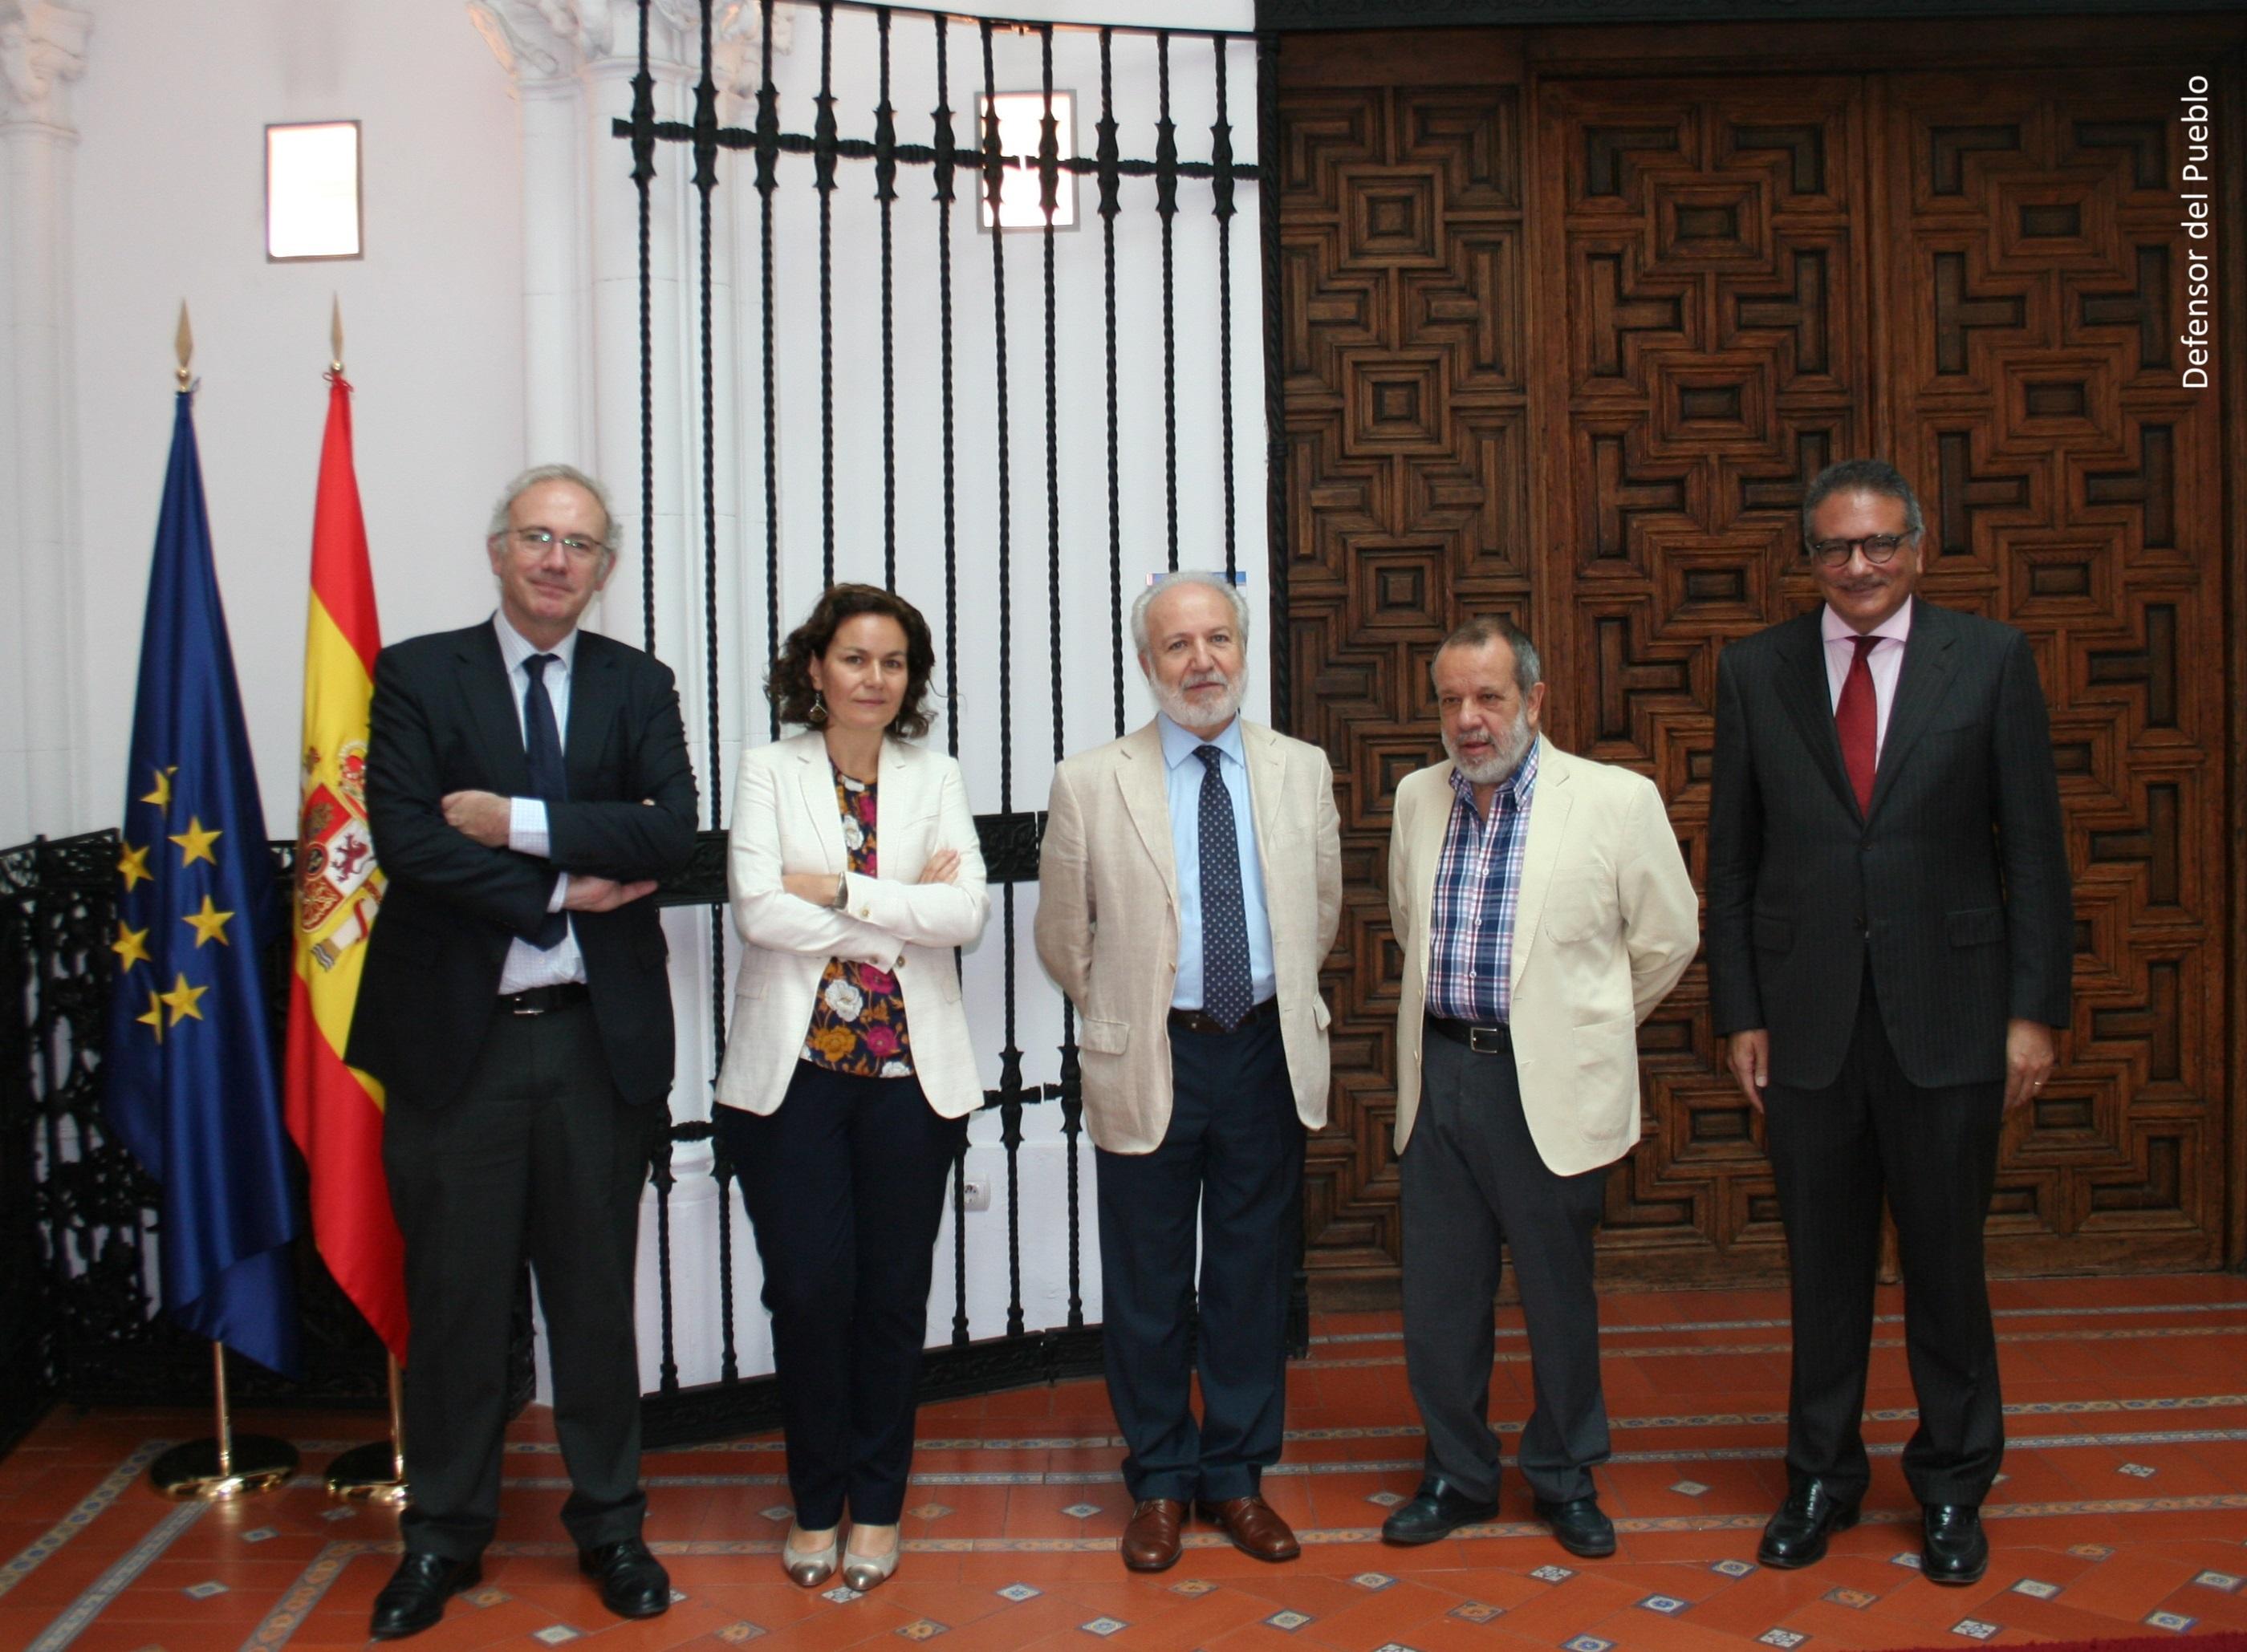 Reunión del Defensor del Pueblo (e.f.), Francisco Fernández Marugán, con el secretario de Estado de Justicia, Manuel Dolz